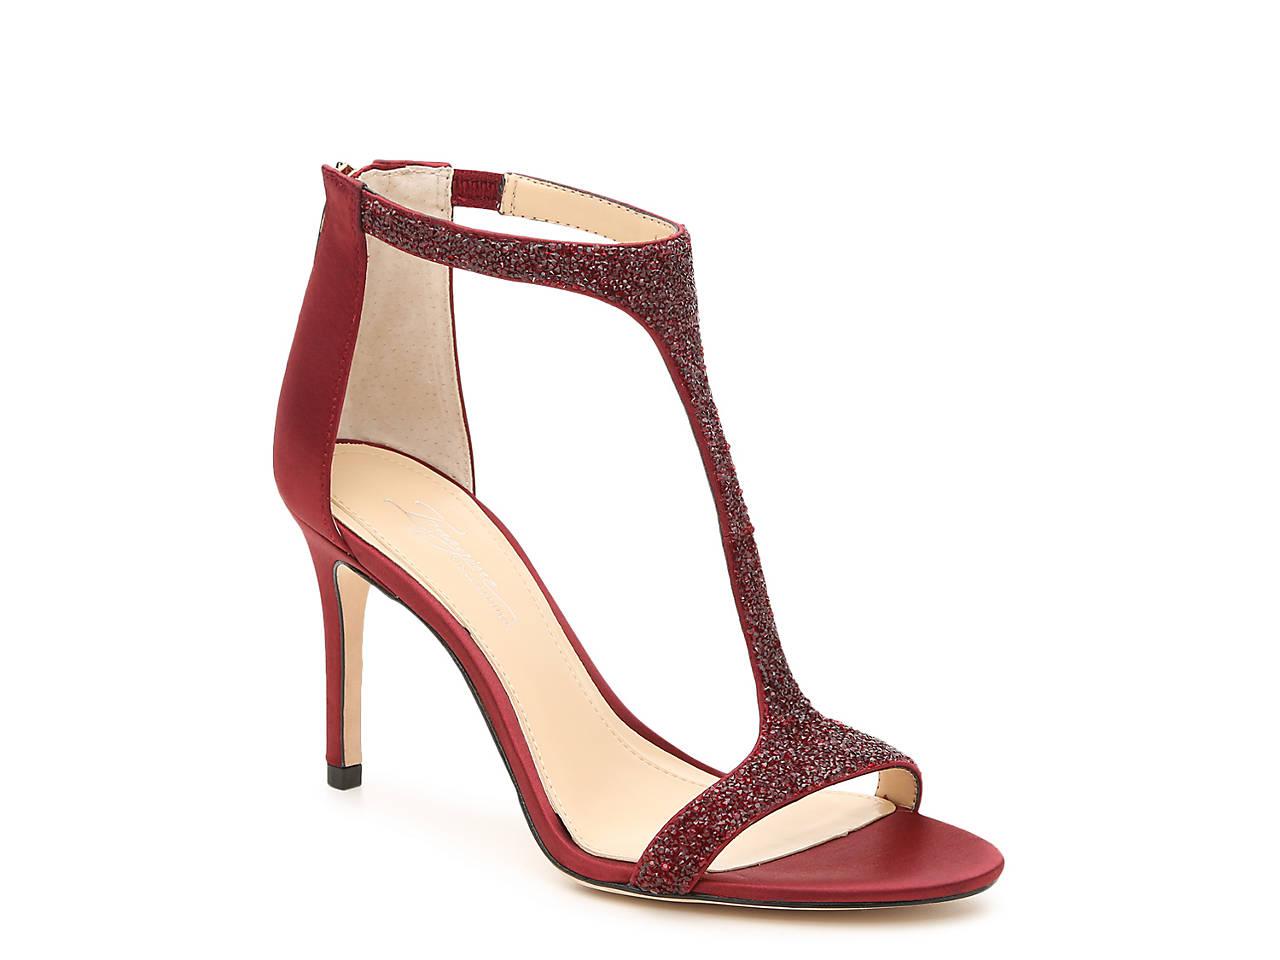 b682d9dbd Imagine Vince Camuto Phoebe Sandal Women s Shoes